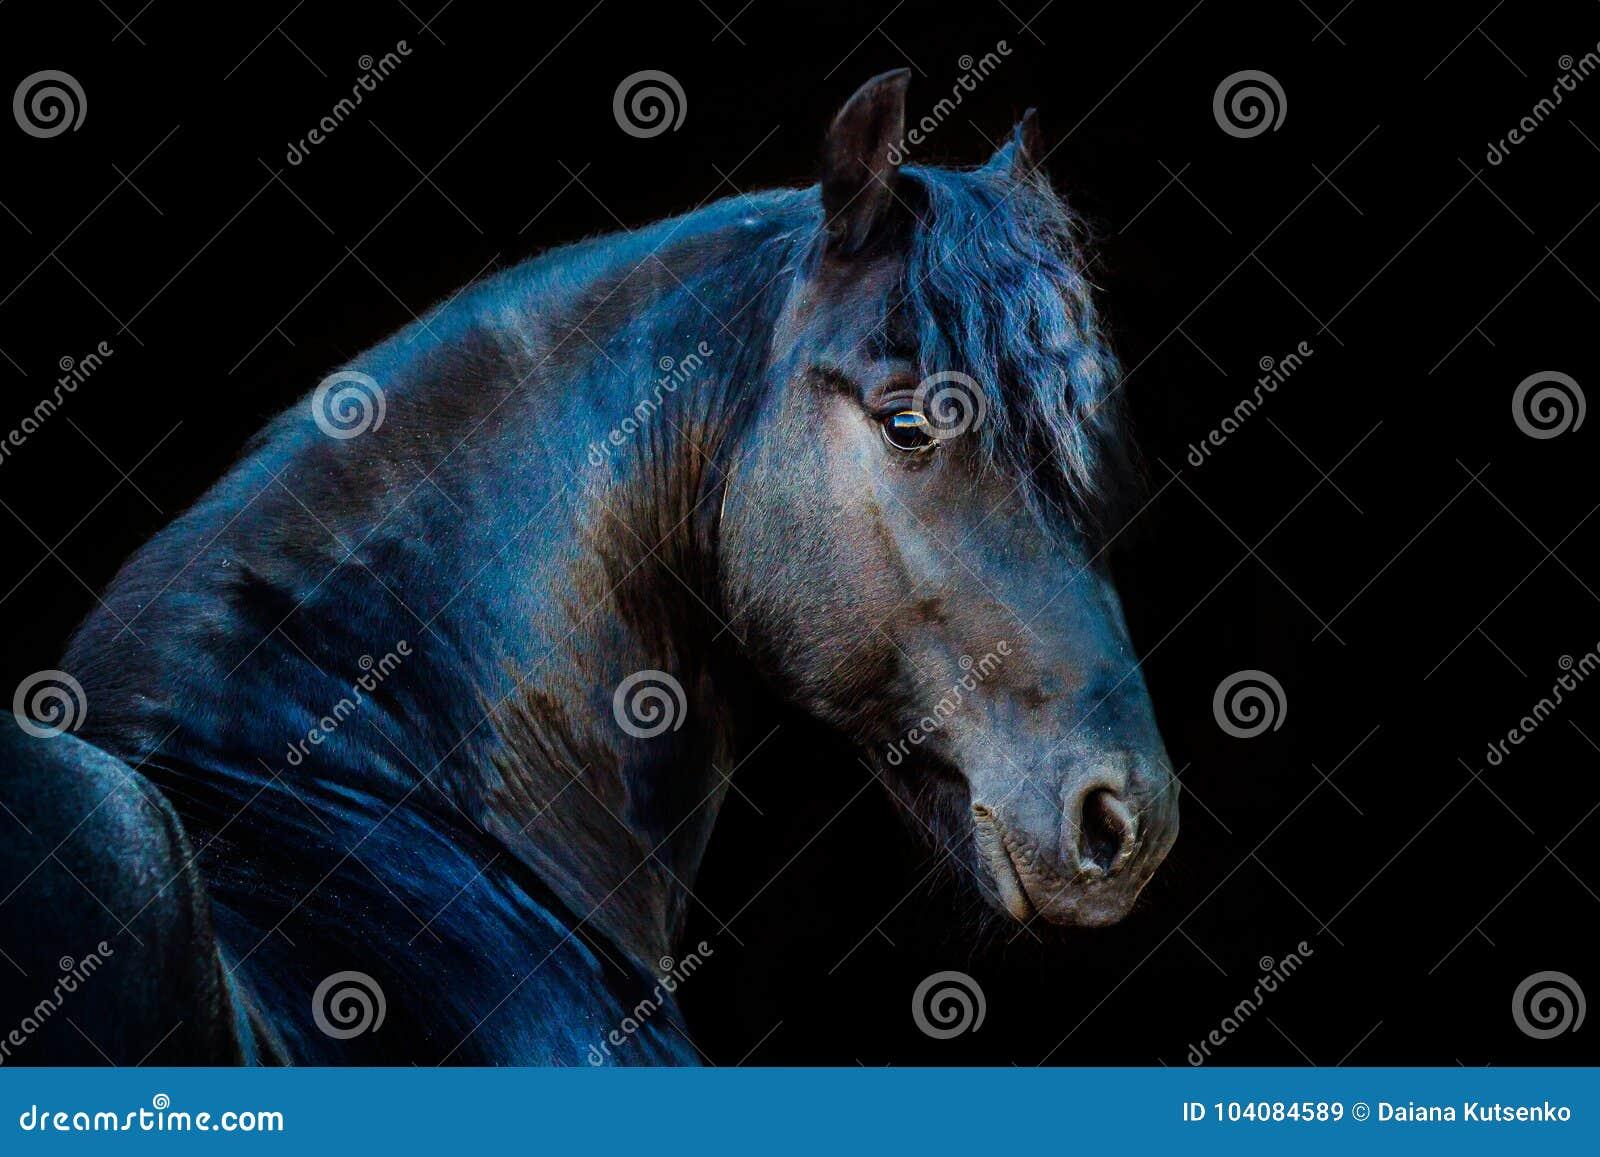 Porträts von Pferden